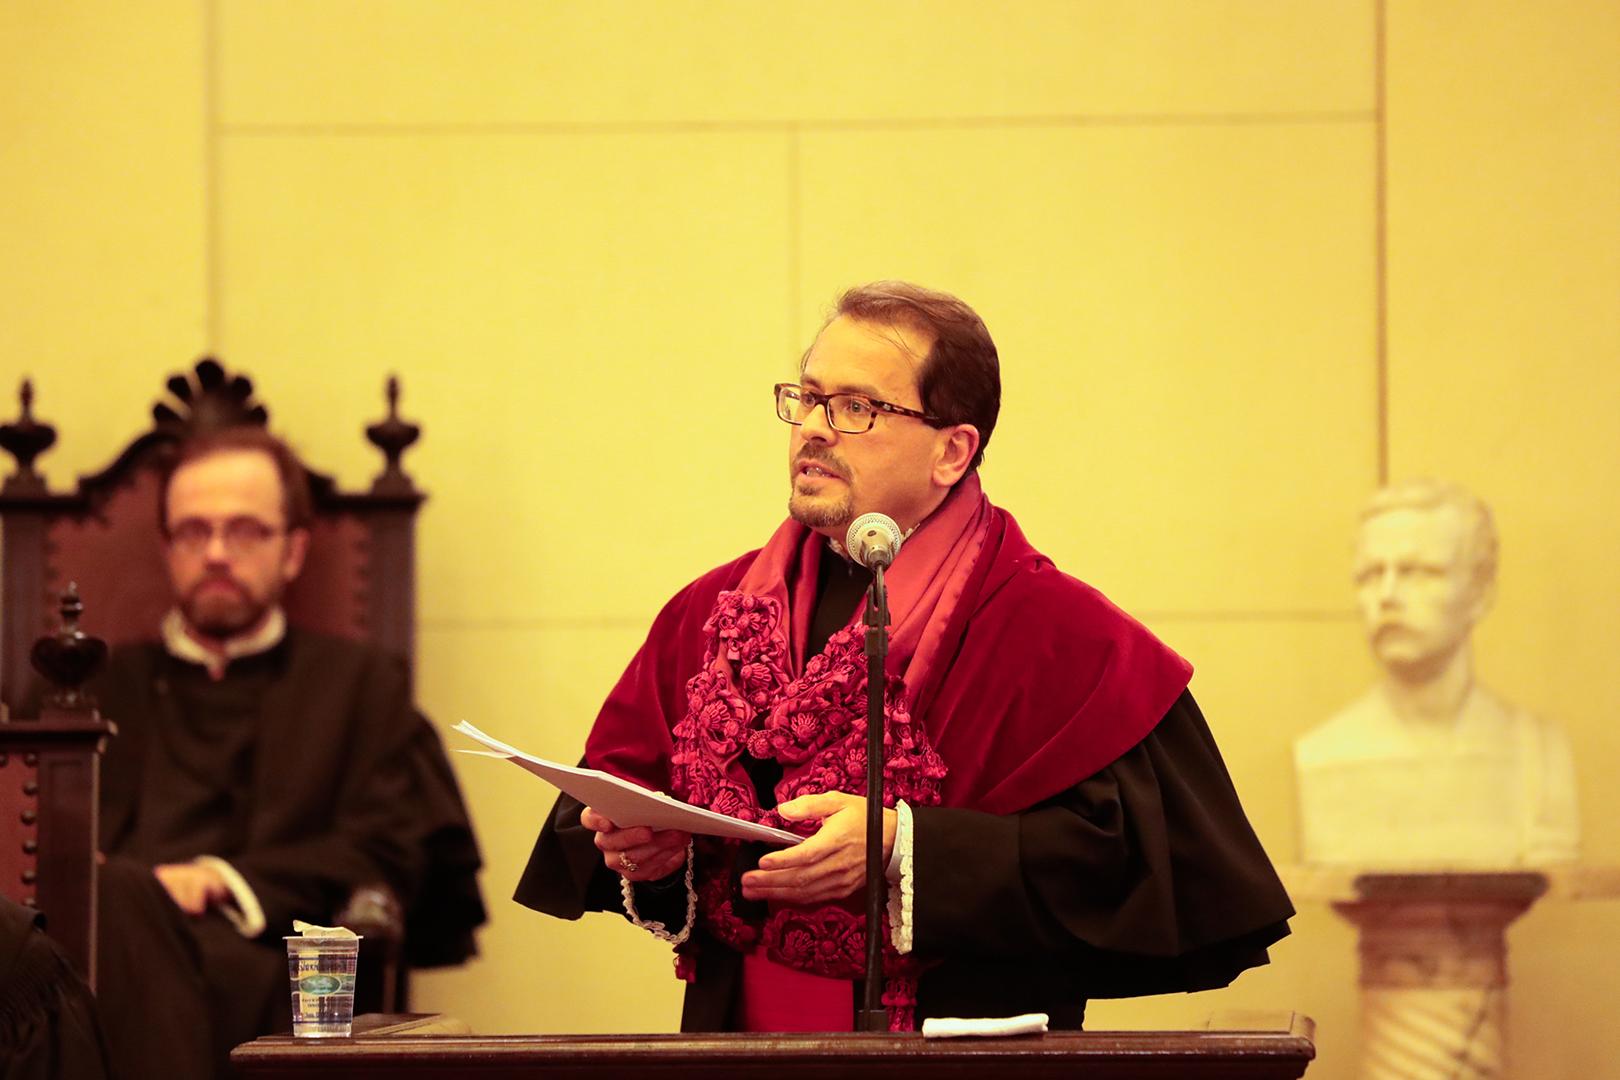 Judiciário prestigia posse de novo diretor da Faculdade de Direito da USP